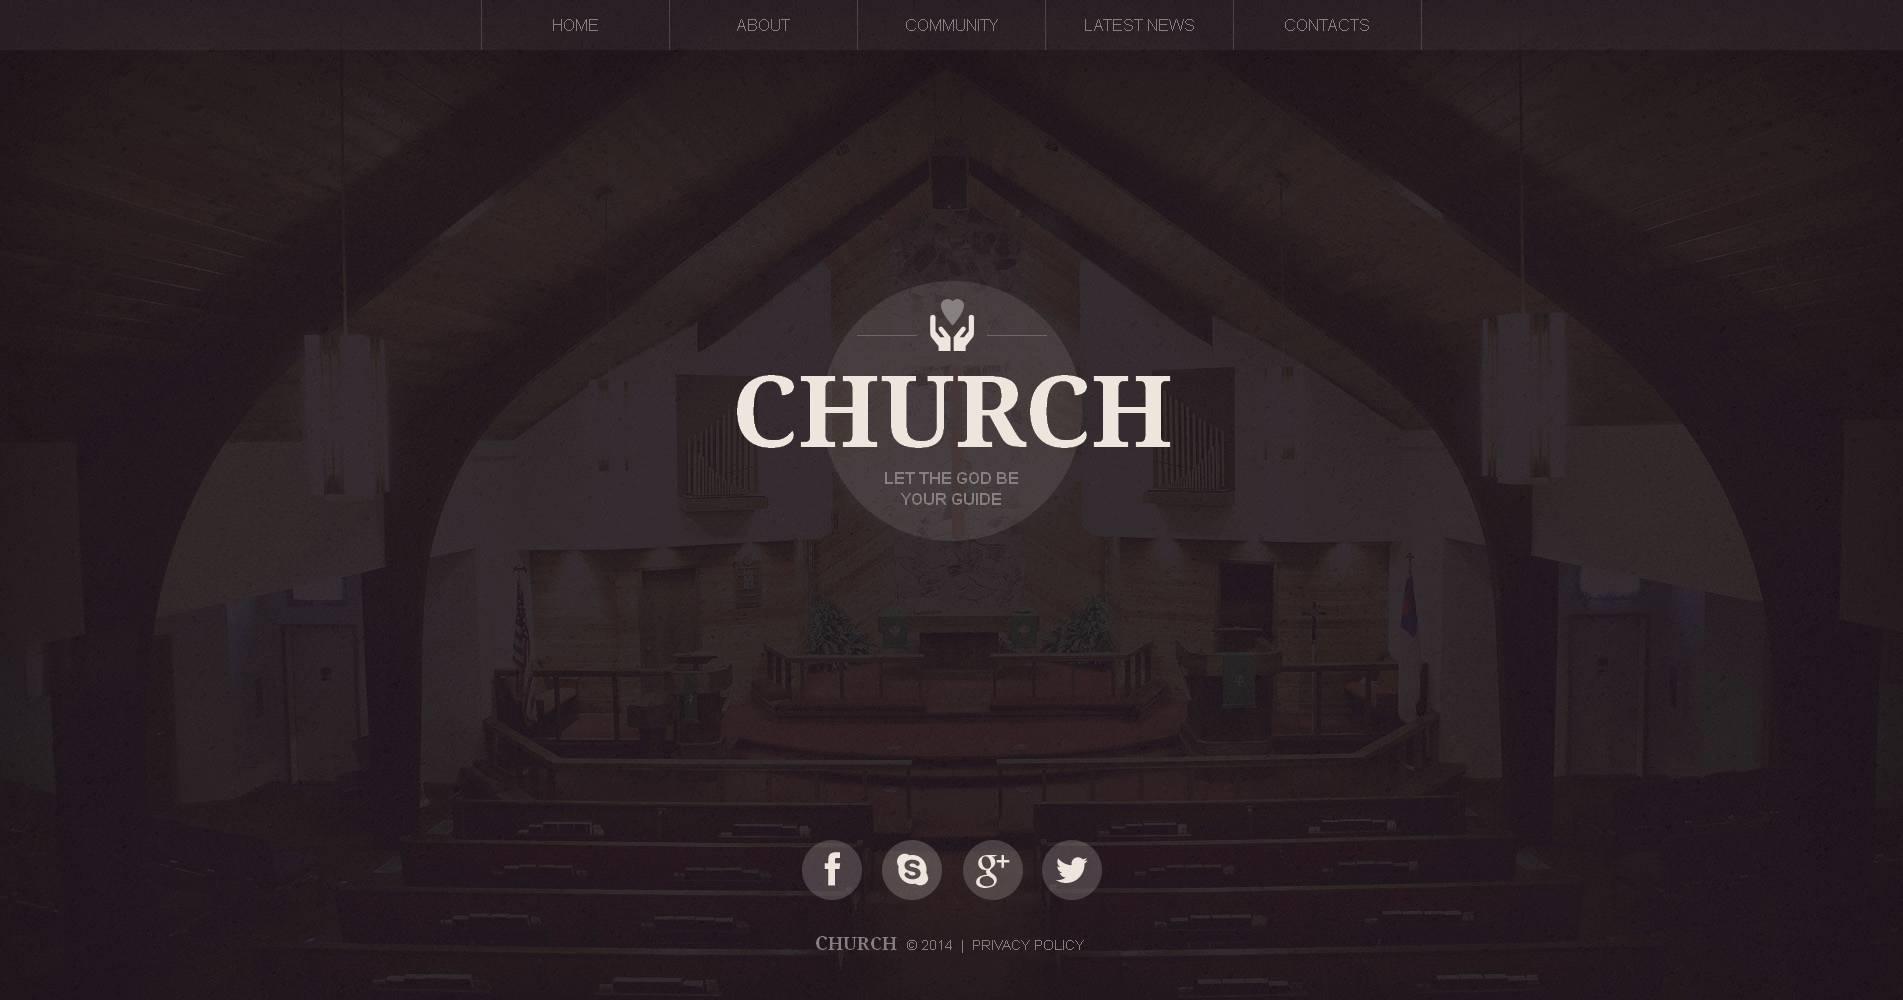 Szablon Moto CMS HTML #48390 na temat: chrześcijaństwo